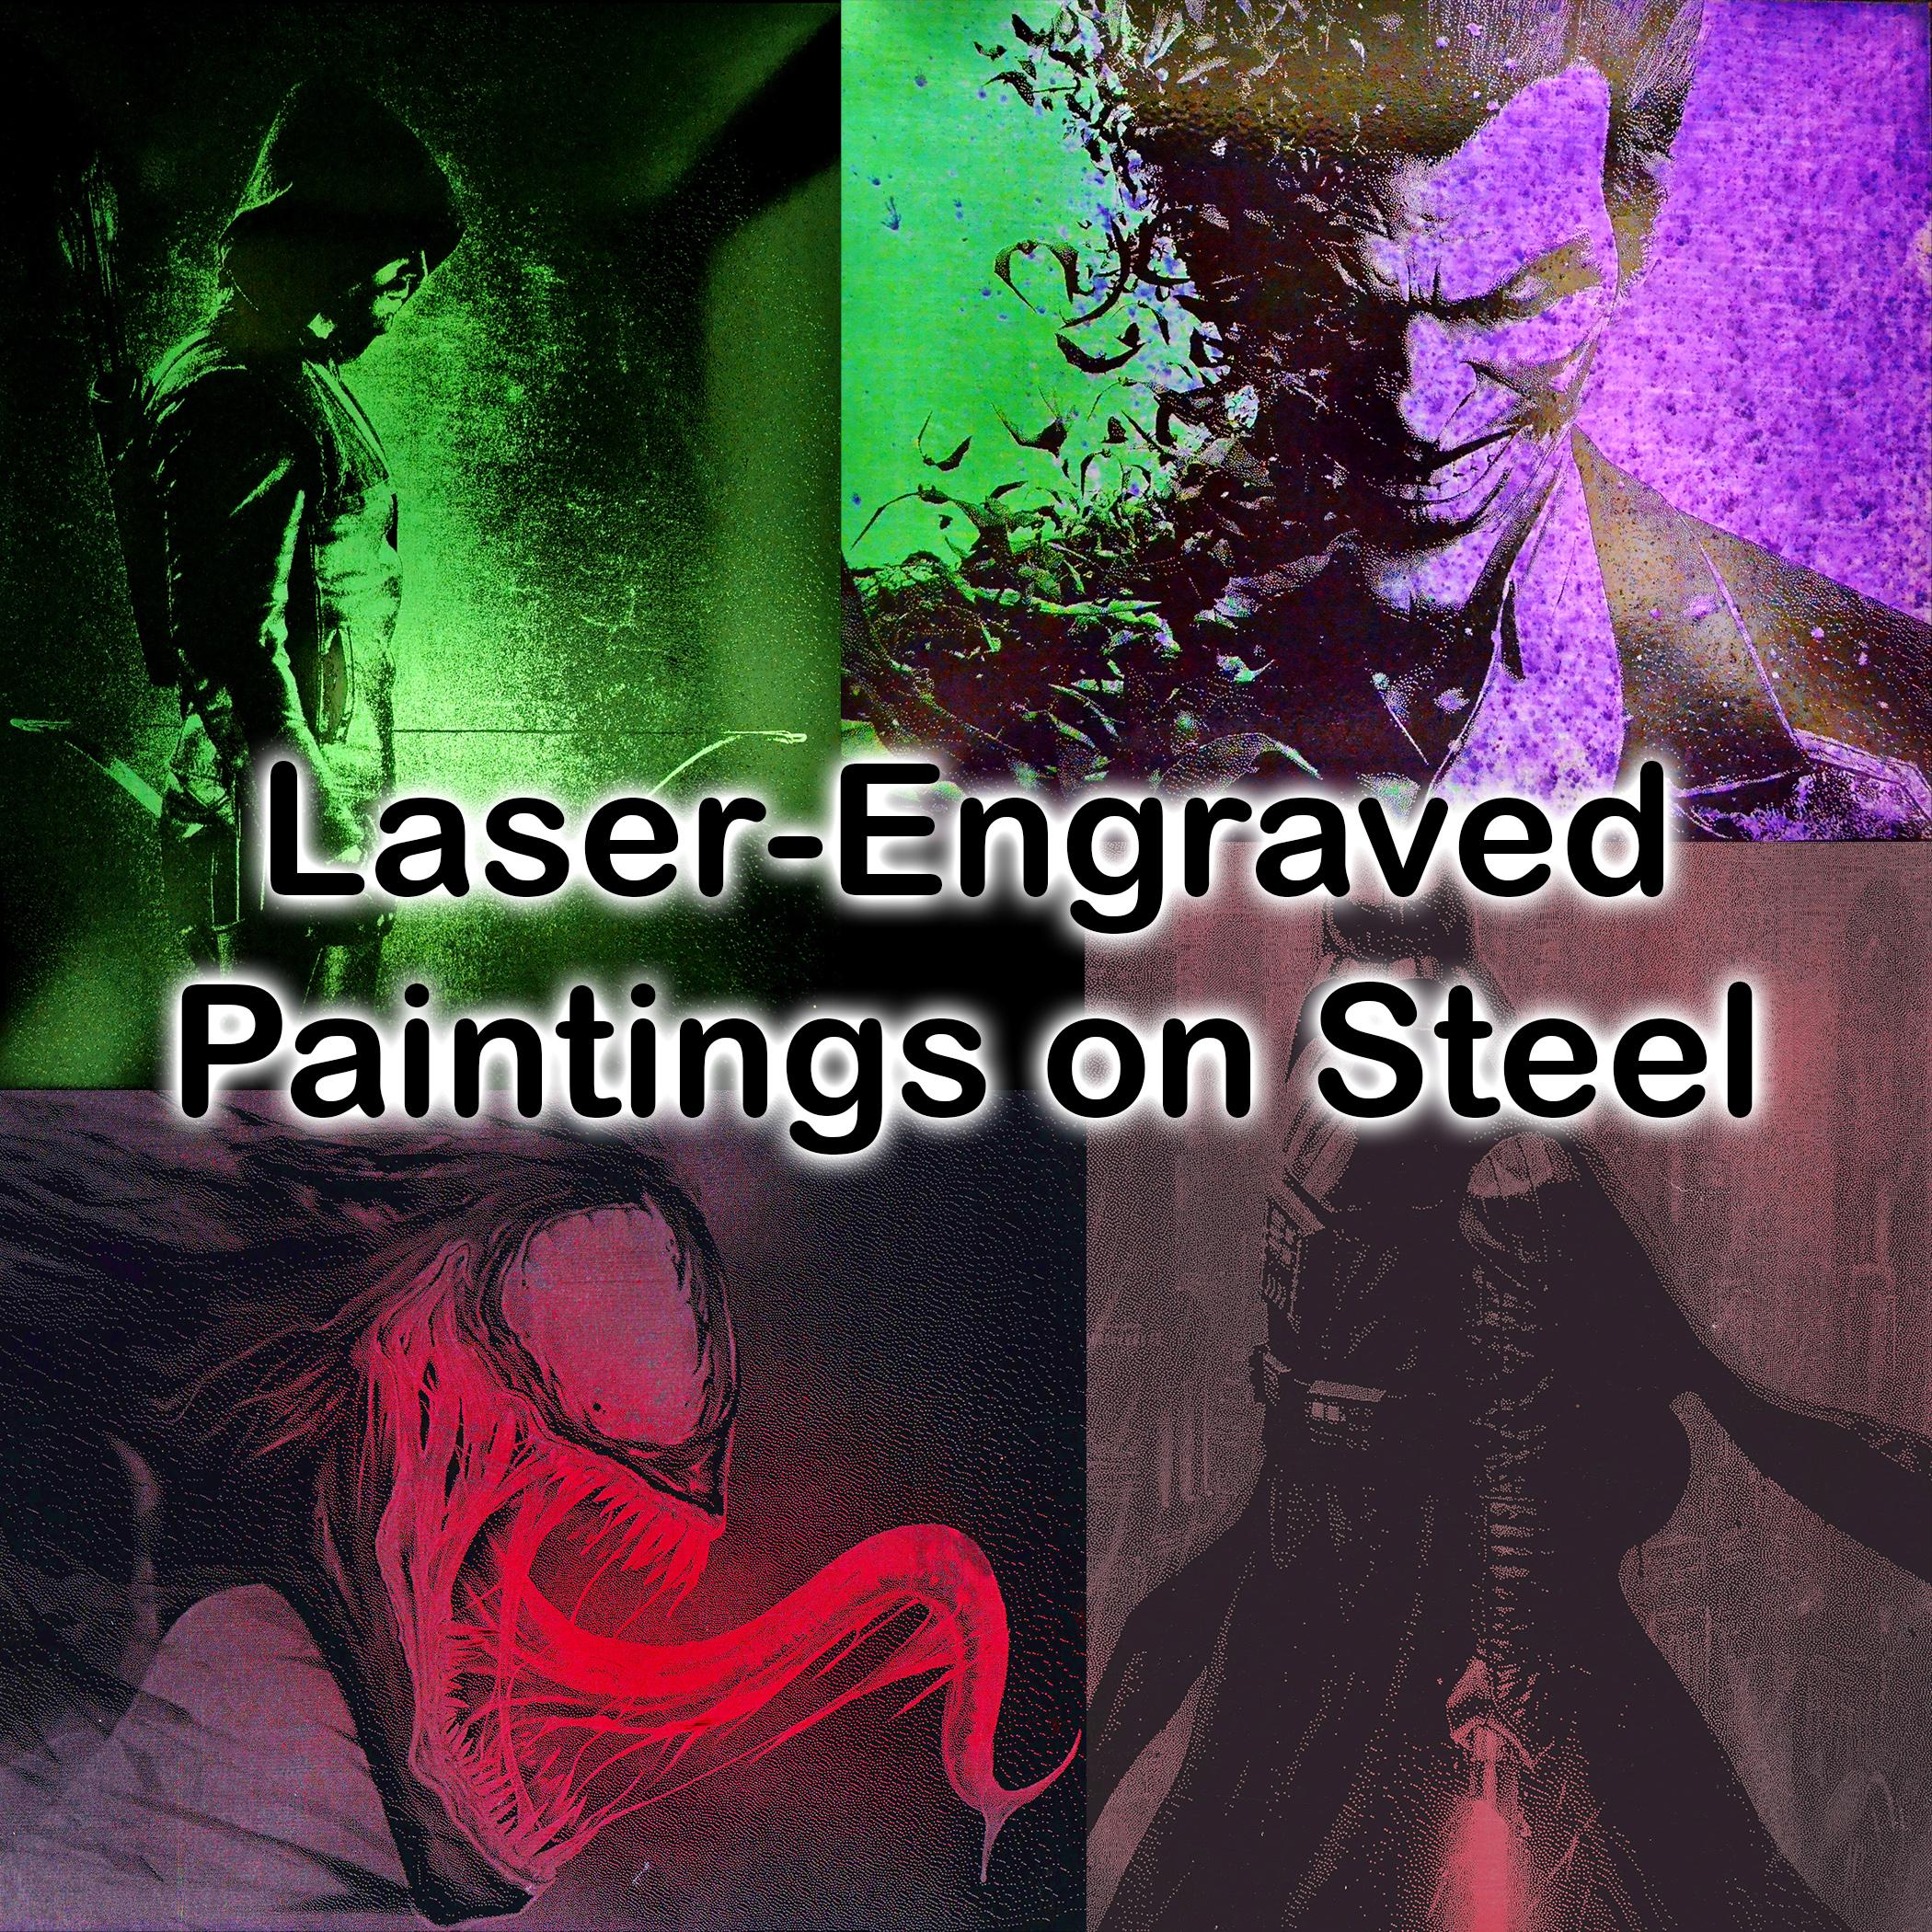 Laser-Engraved Paintings on Steel.jpg